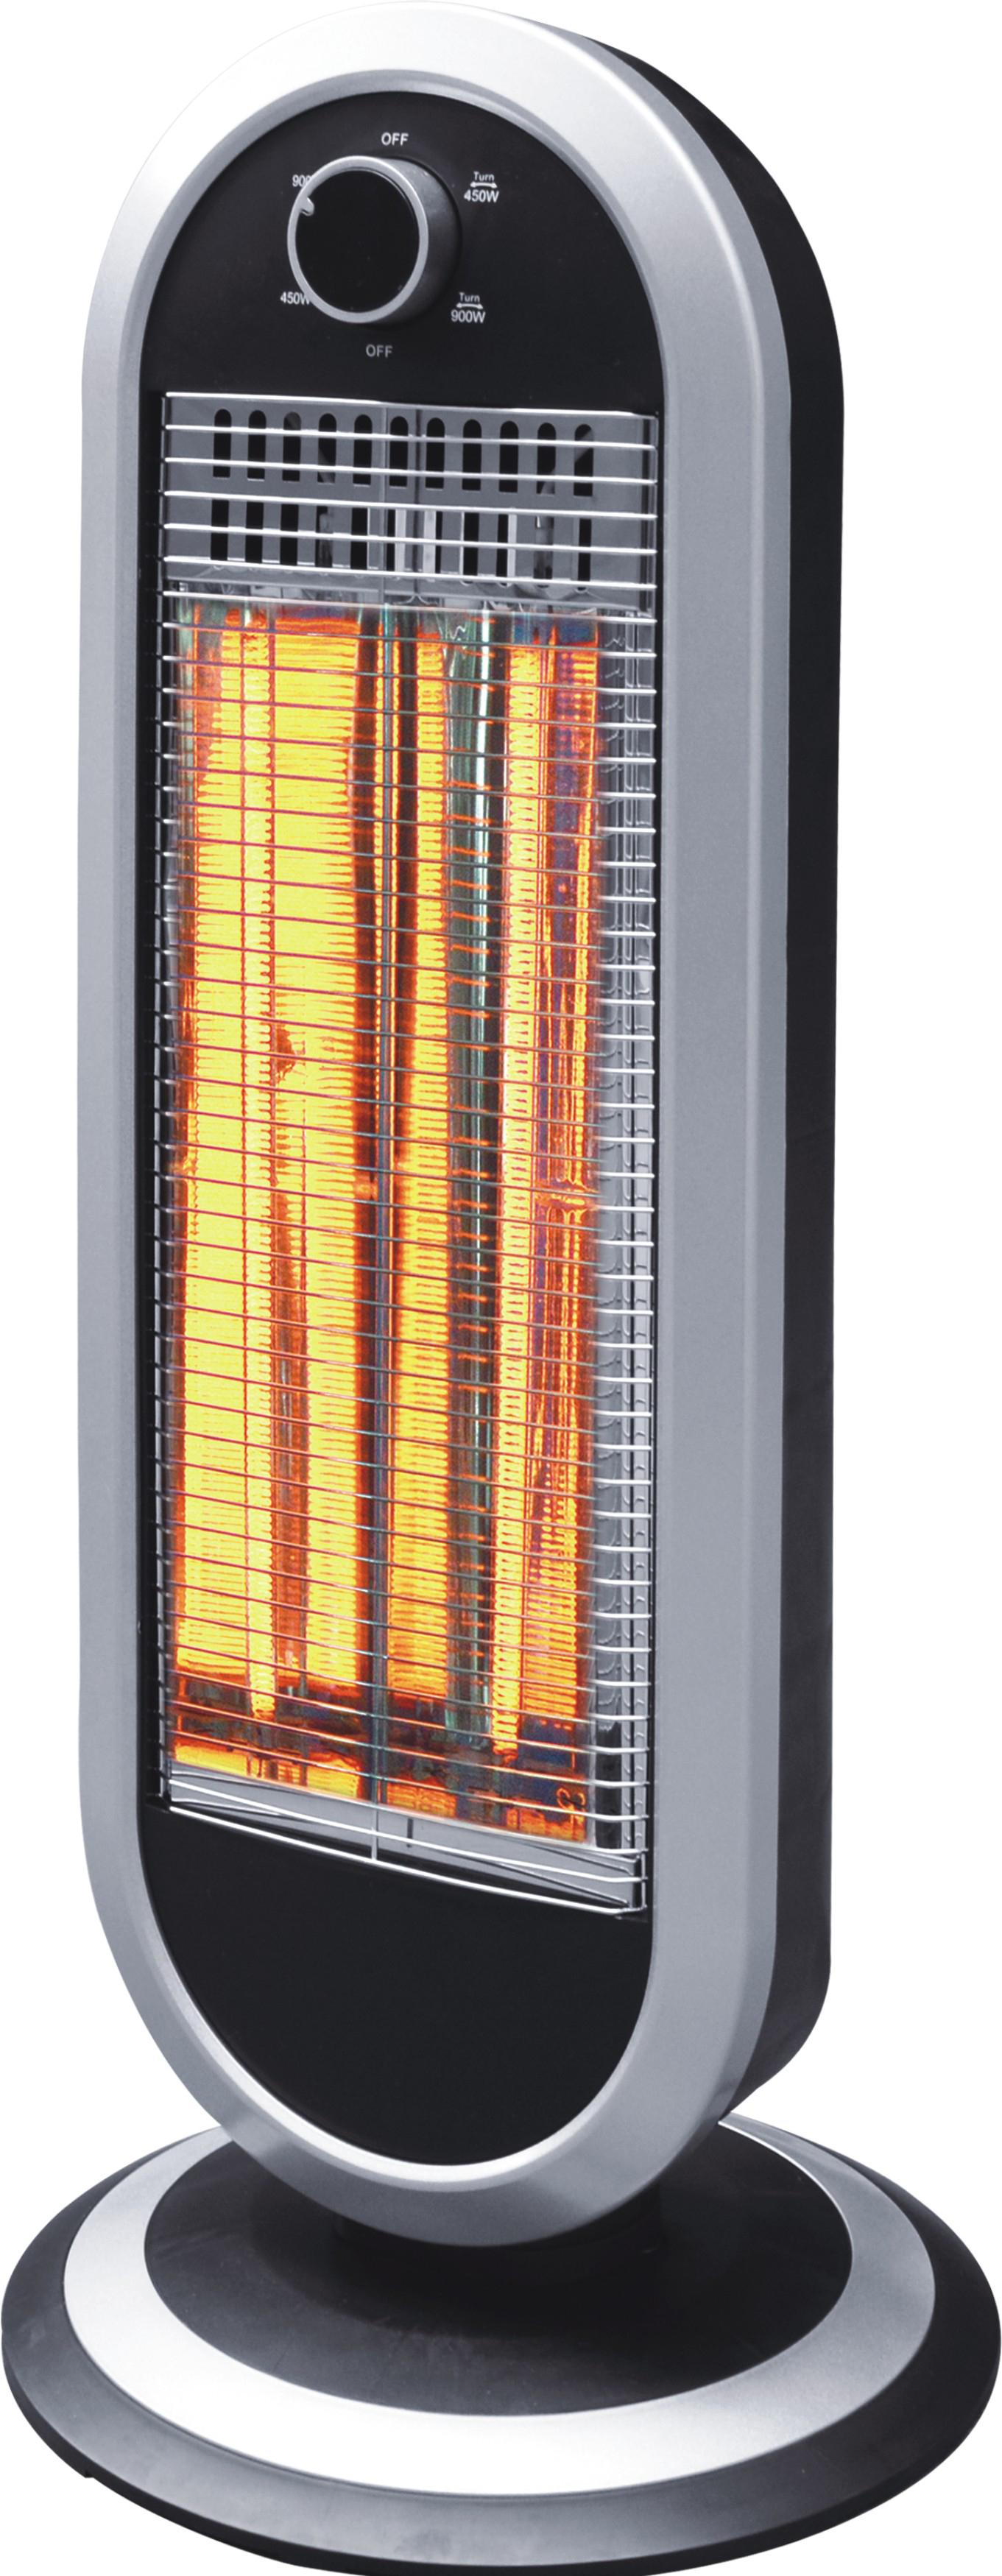 Stufa al carbonio sa9837 dcg for Spegnimento riscaldamento 2017